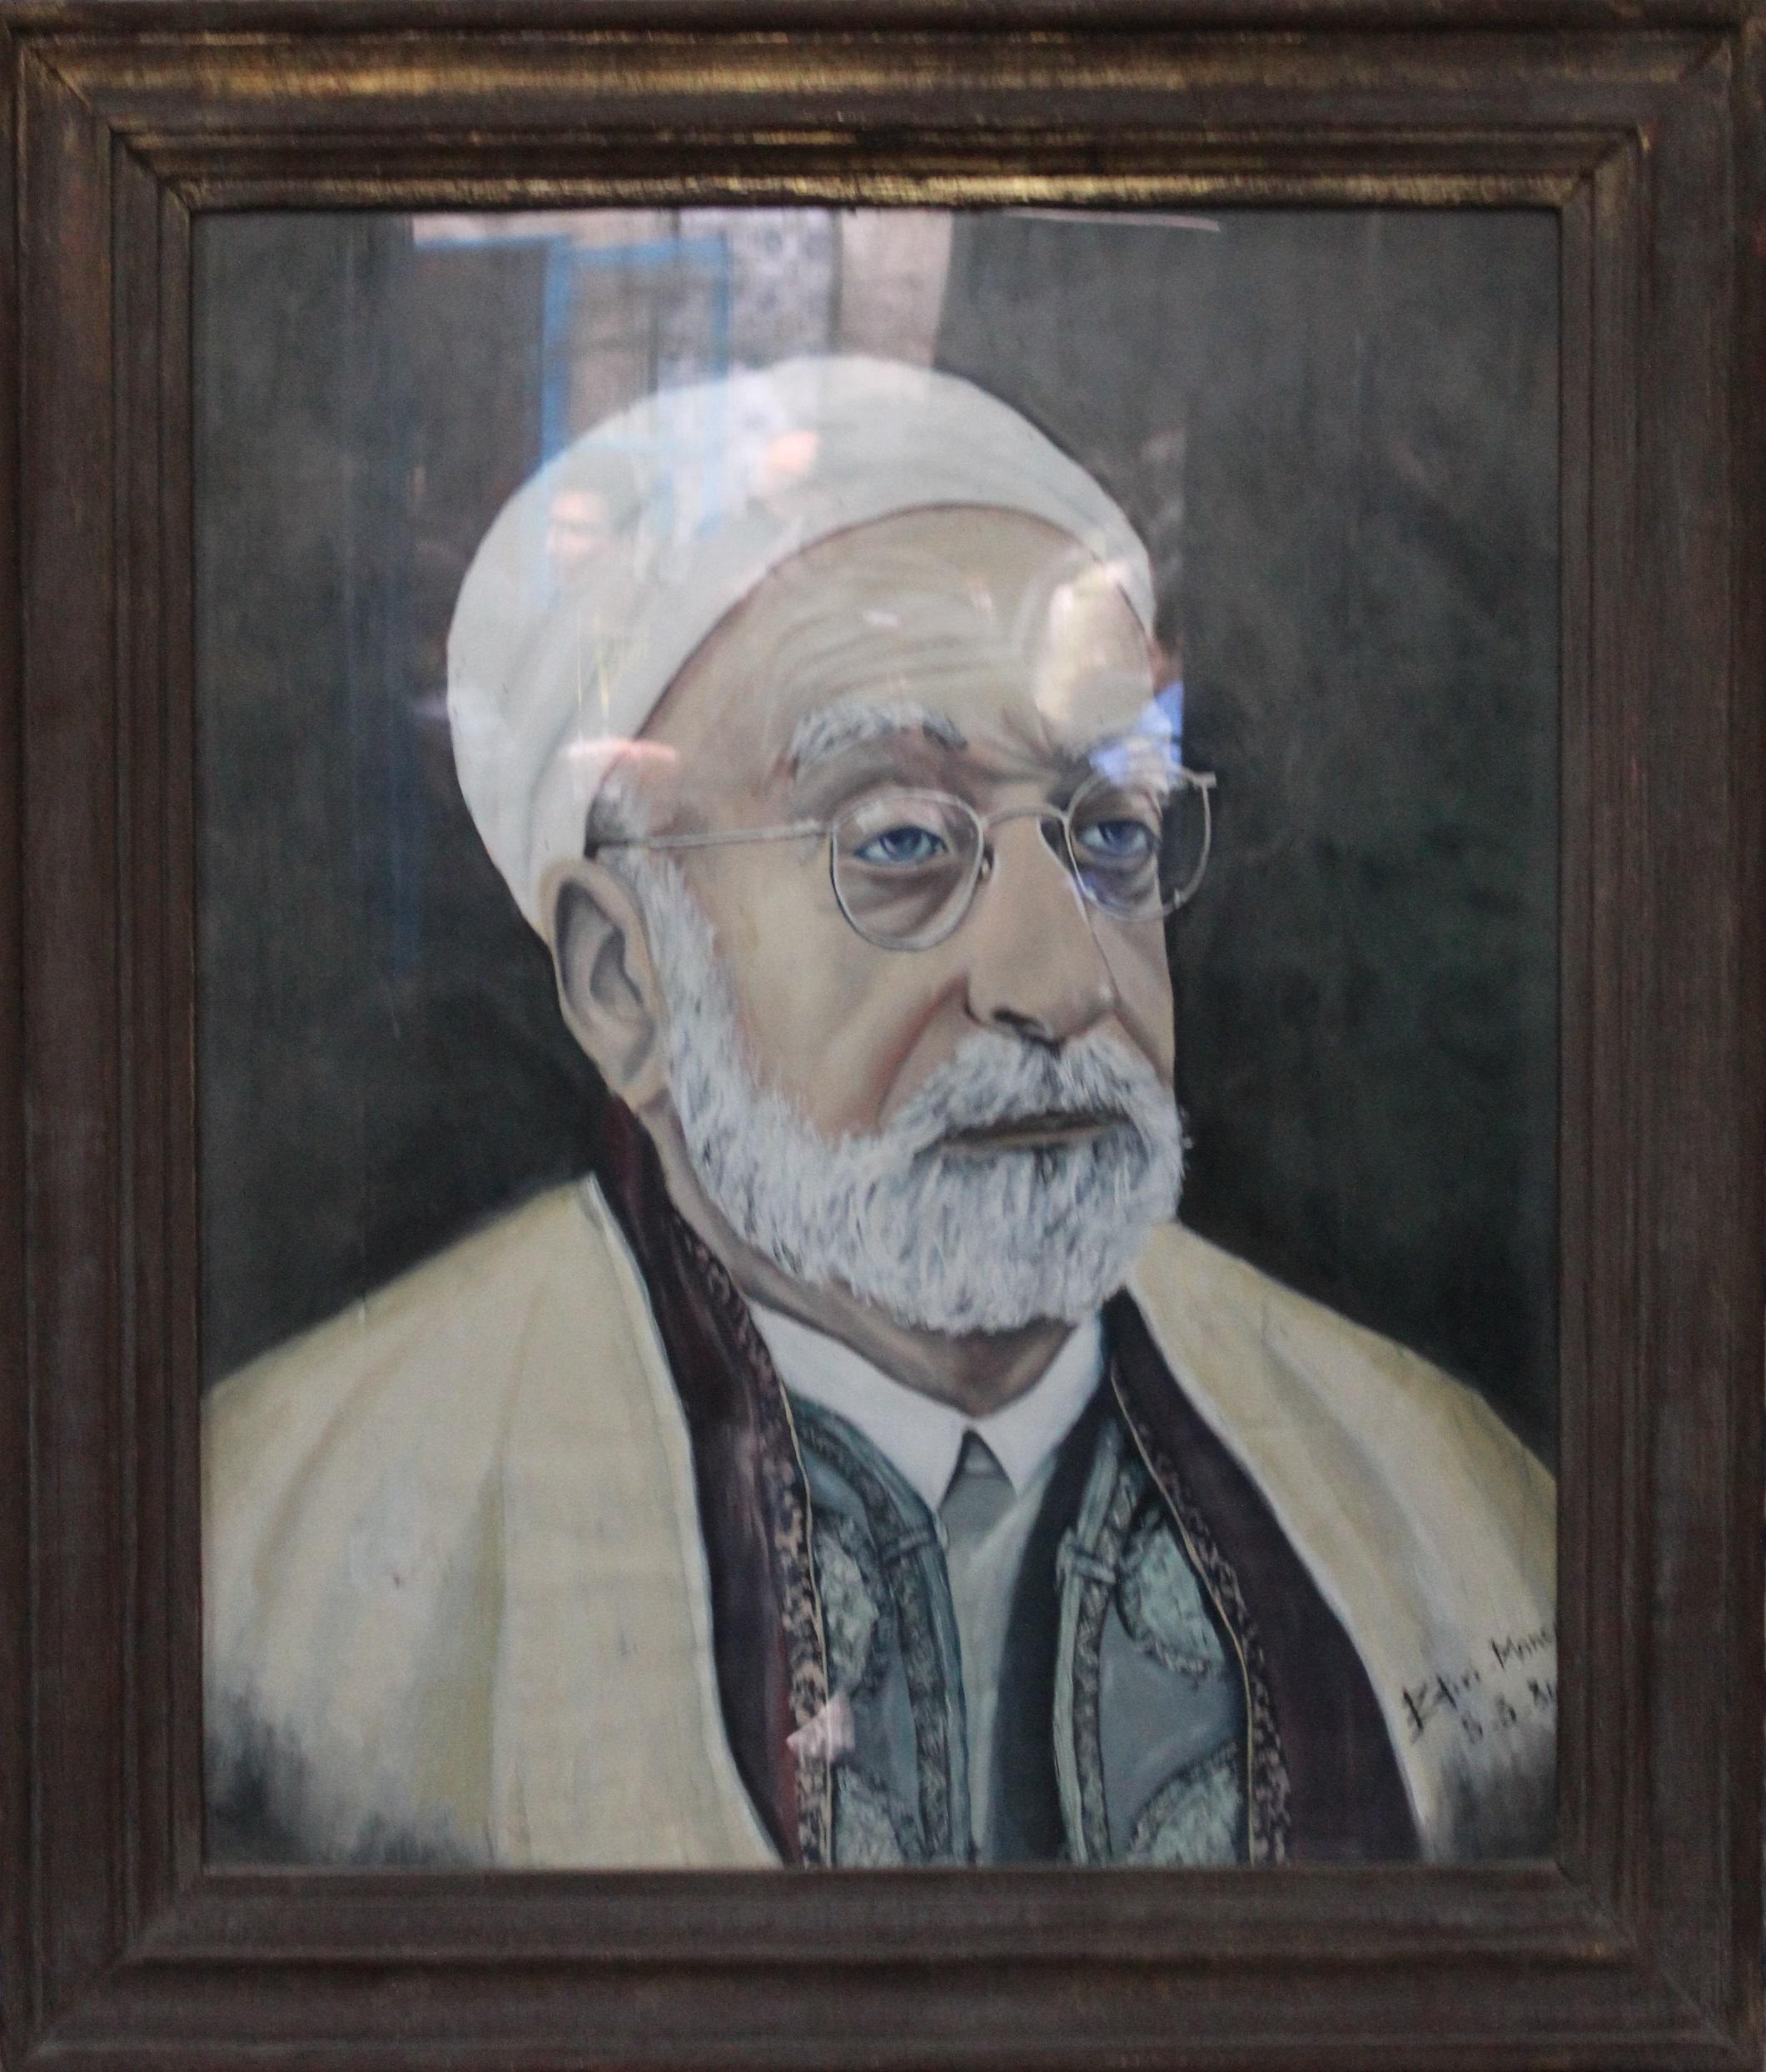 File:Mohamed Tahar Ben Achour - محمد الطاهر بن عاشور.jpg - Wikimedia Commons